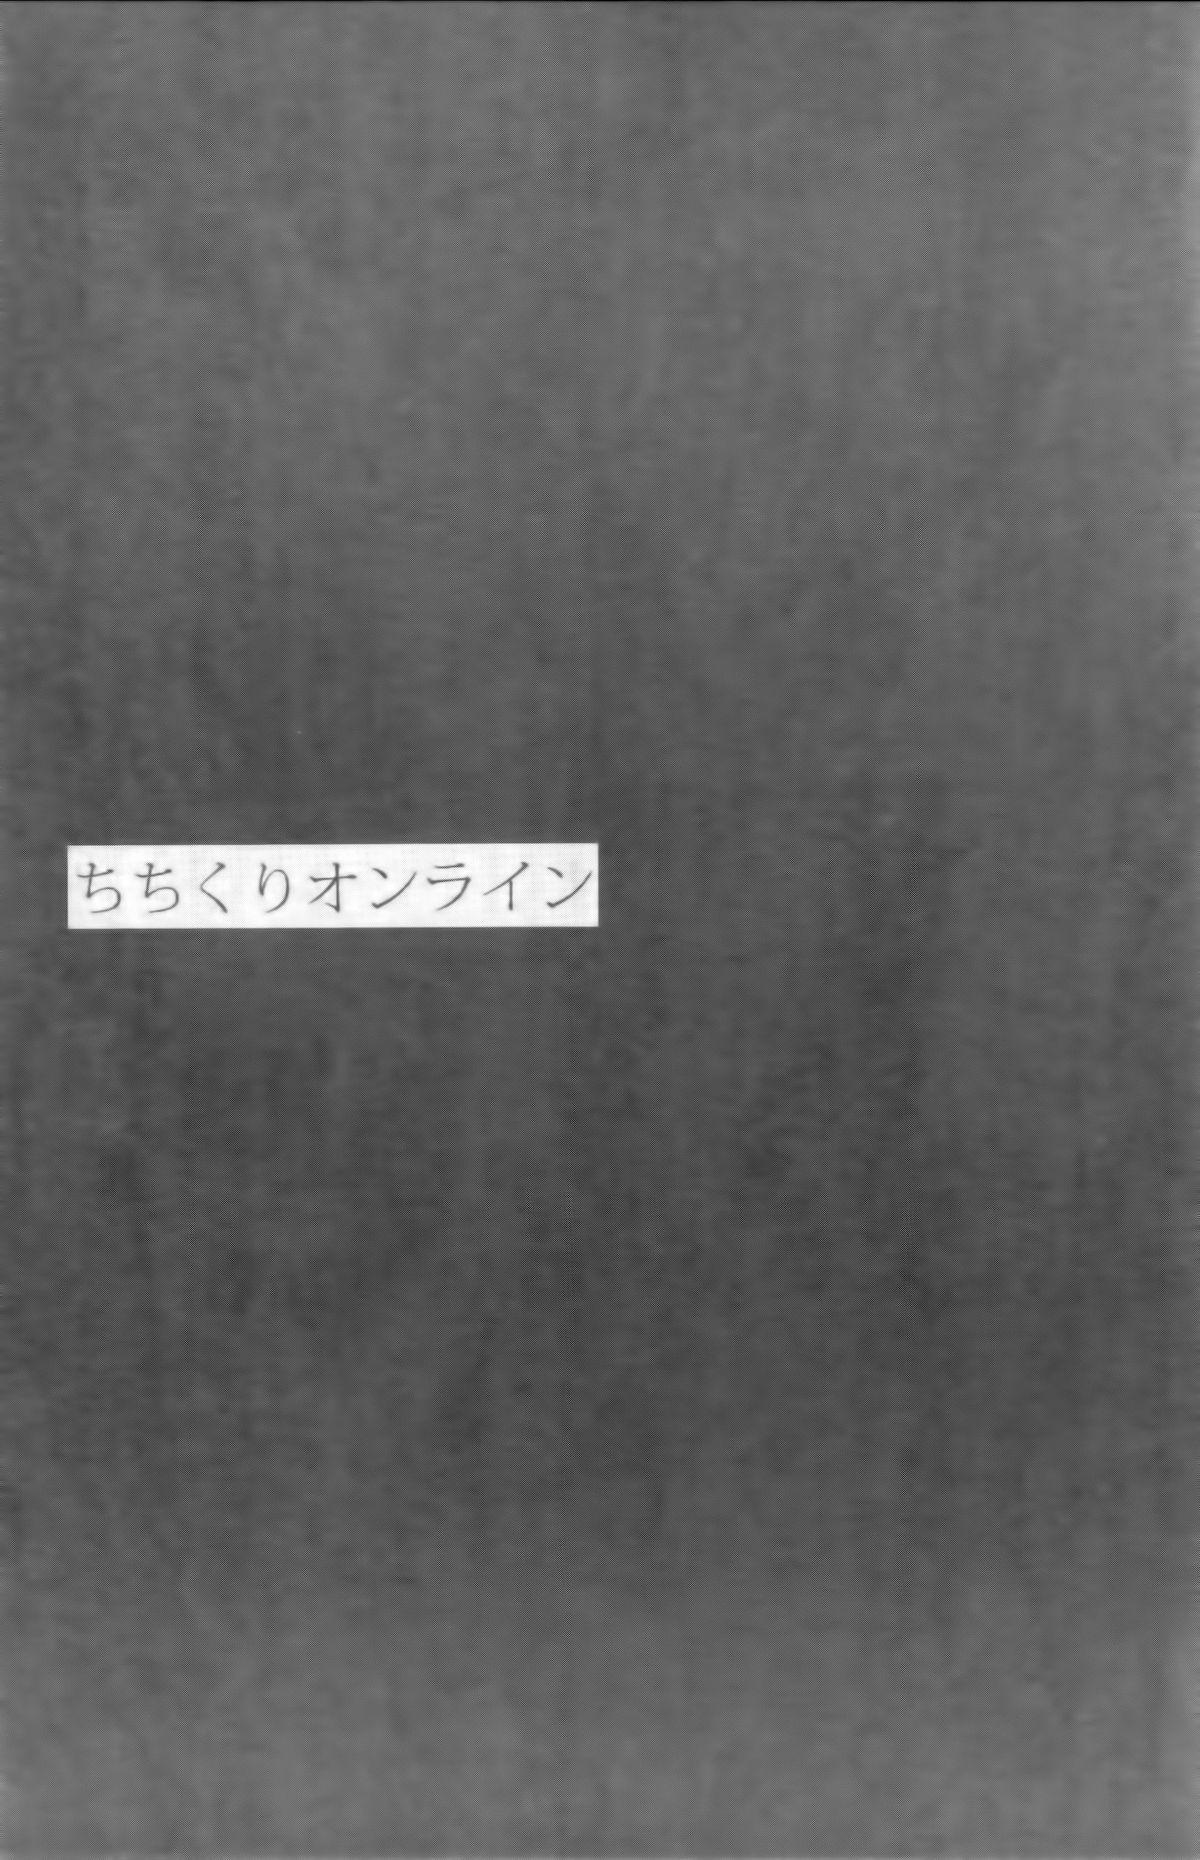 Chichikuri Online 1